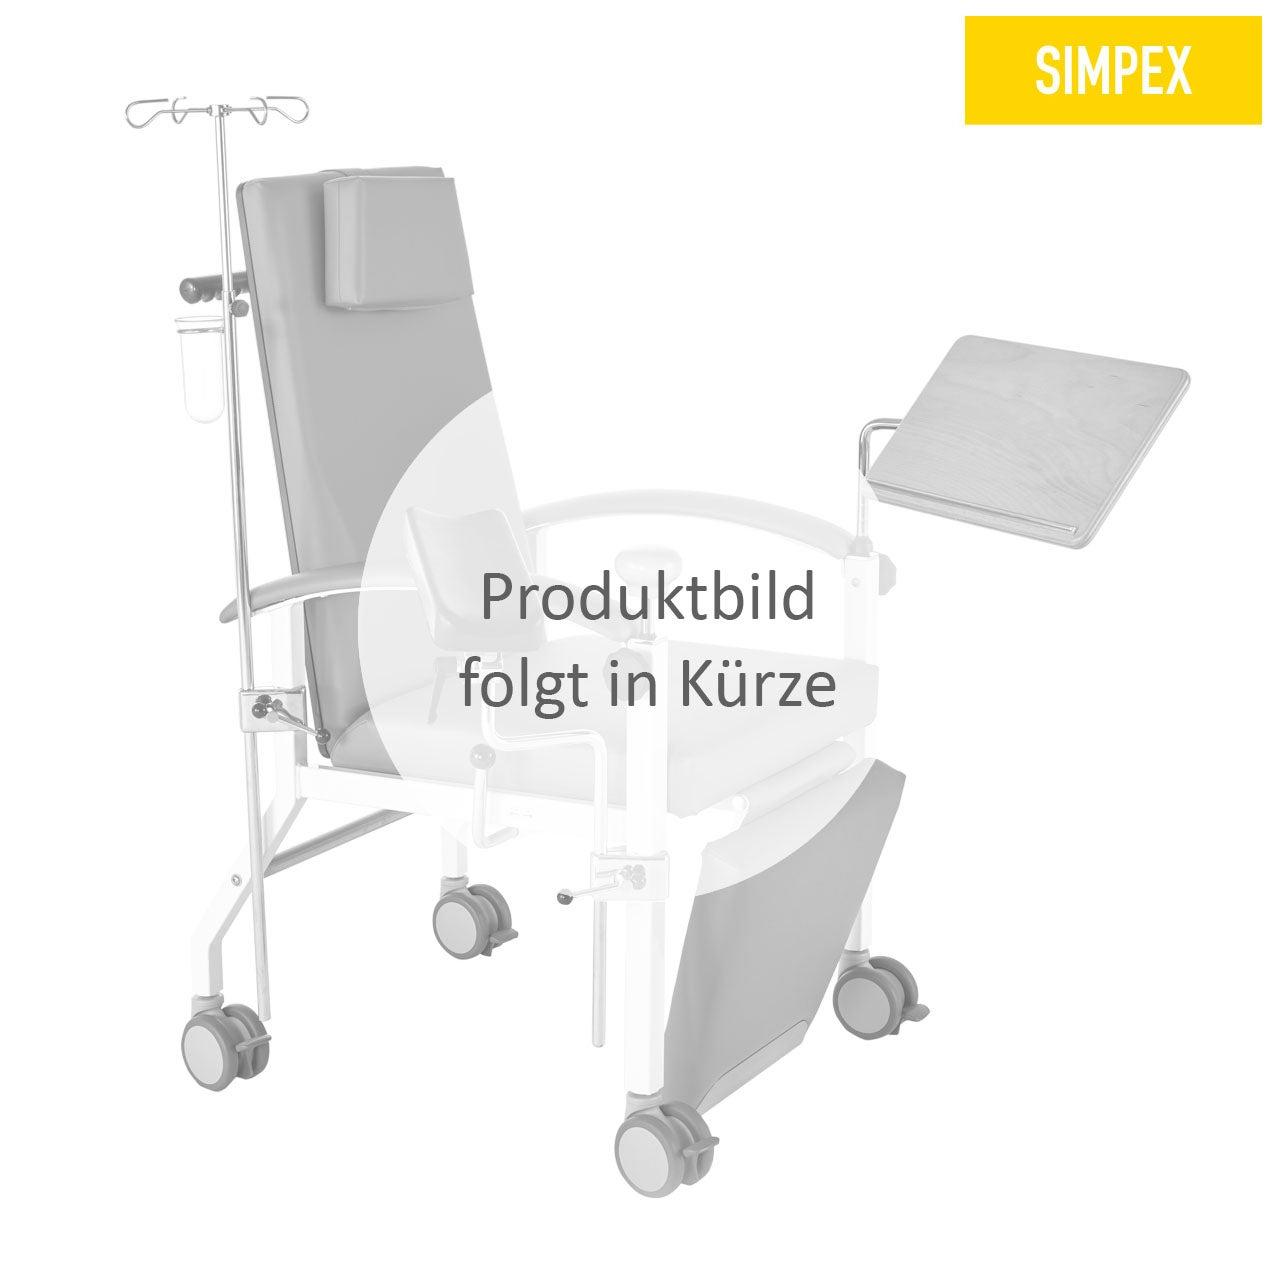 Blutentnahmestuhl Sessel HAEMO-STAT Cuneo Expander Alto mit Kunstleder in gelb (mais) und einem Gestell aus Stahl grauweiß gepulvert von SIMPEX